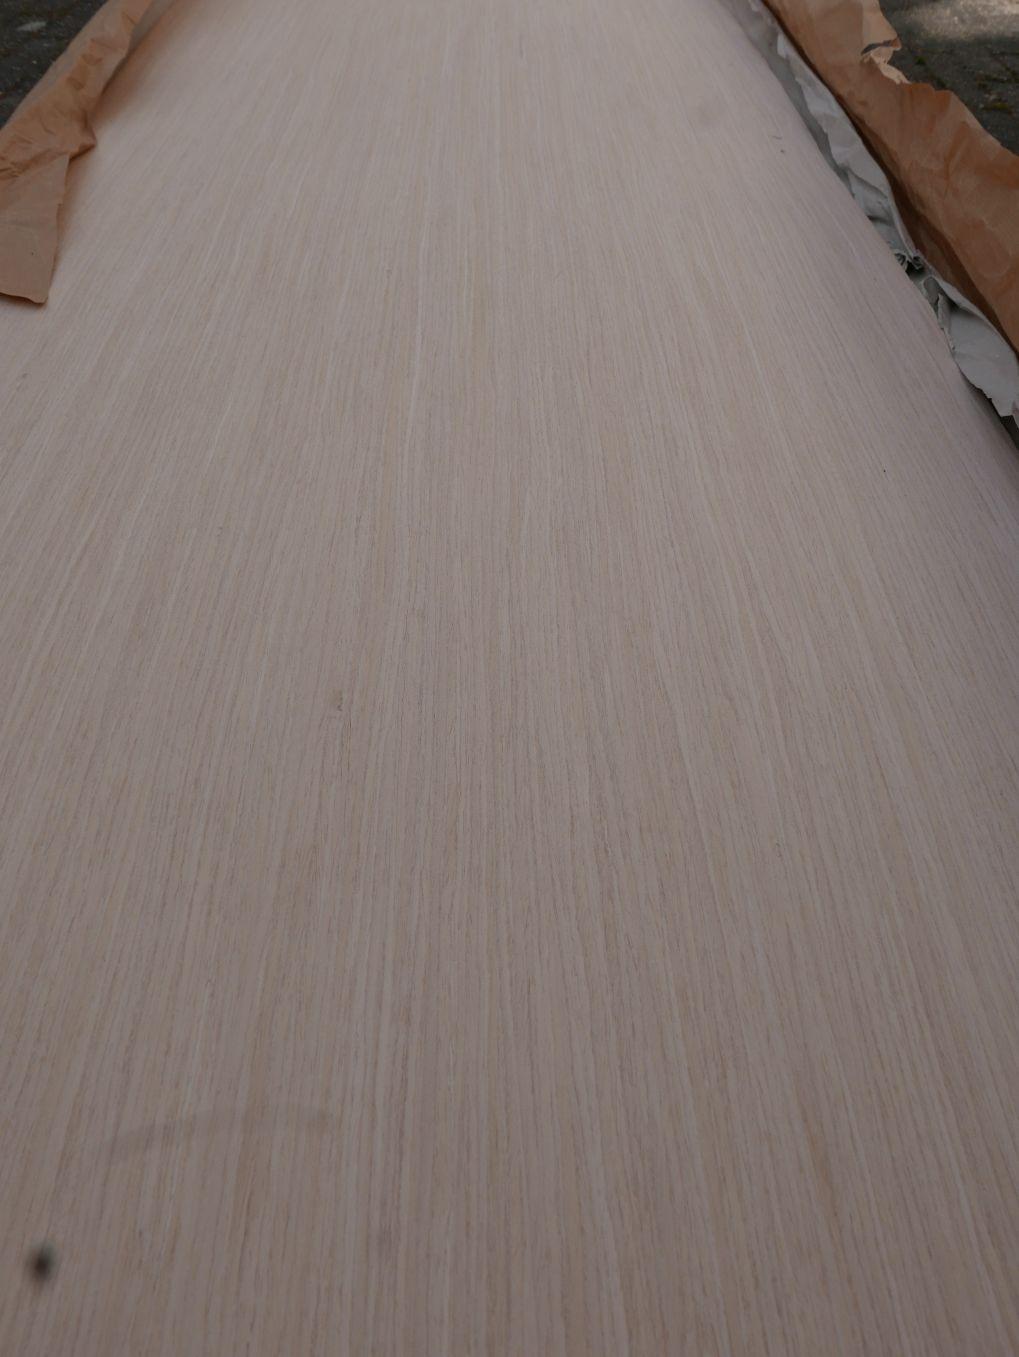 A0231-1 Alpi Ice cool Oak 1mm 65x300cm 7st